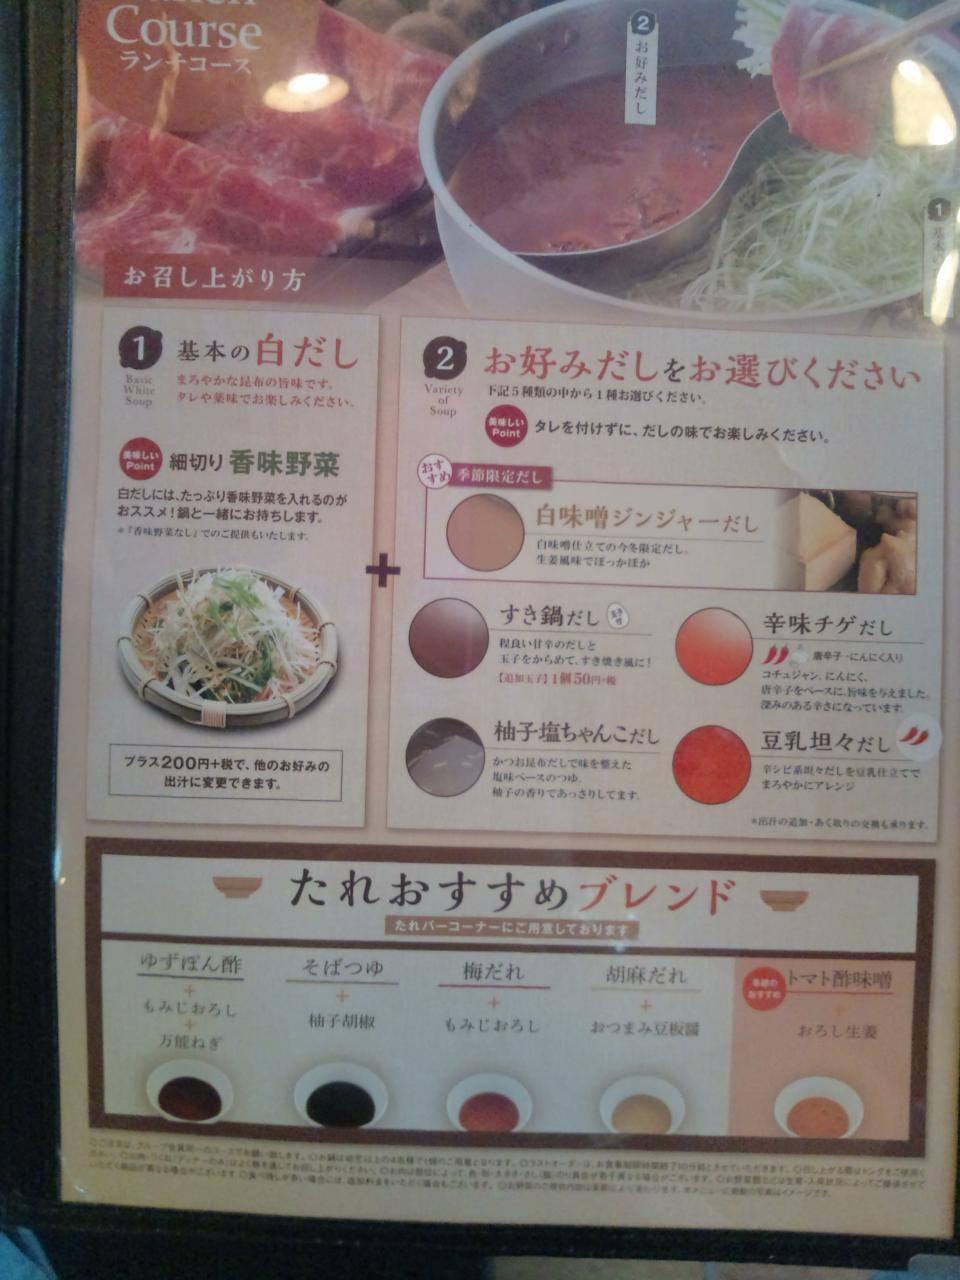 しゃぶ葉川崎平店(メニュー)